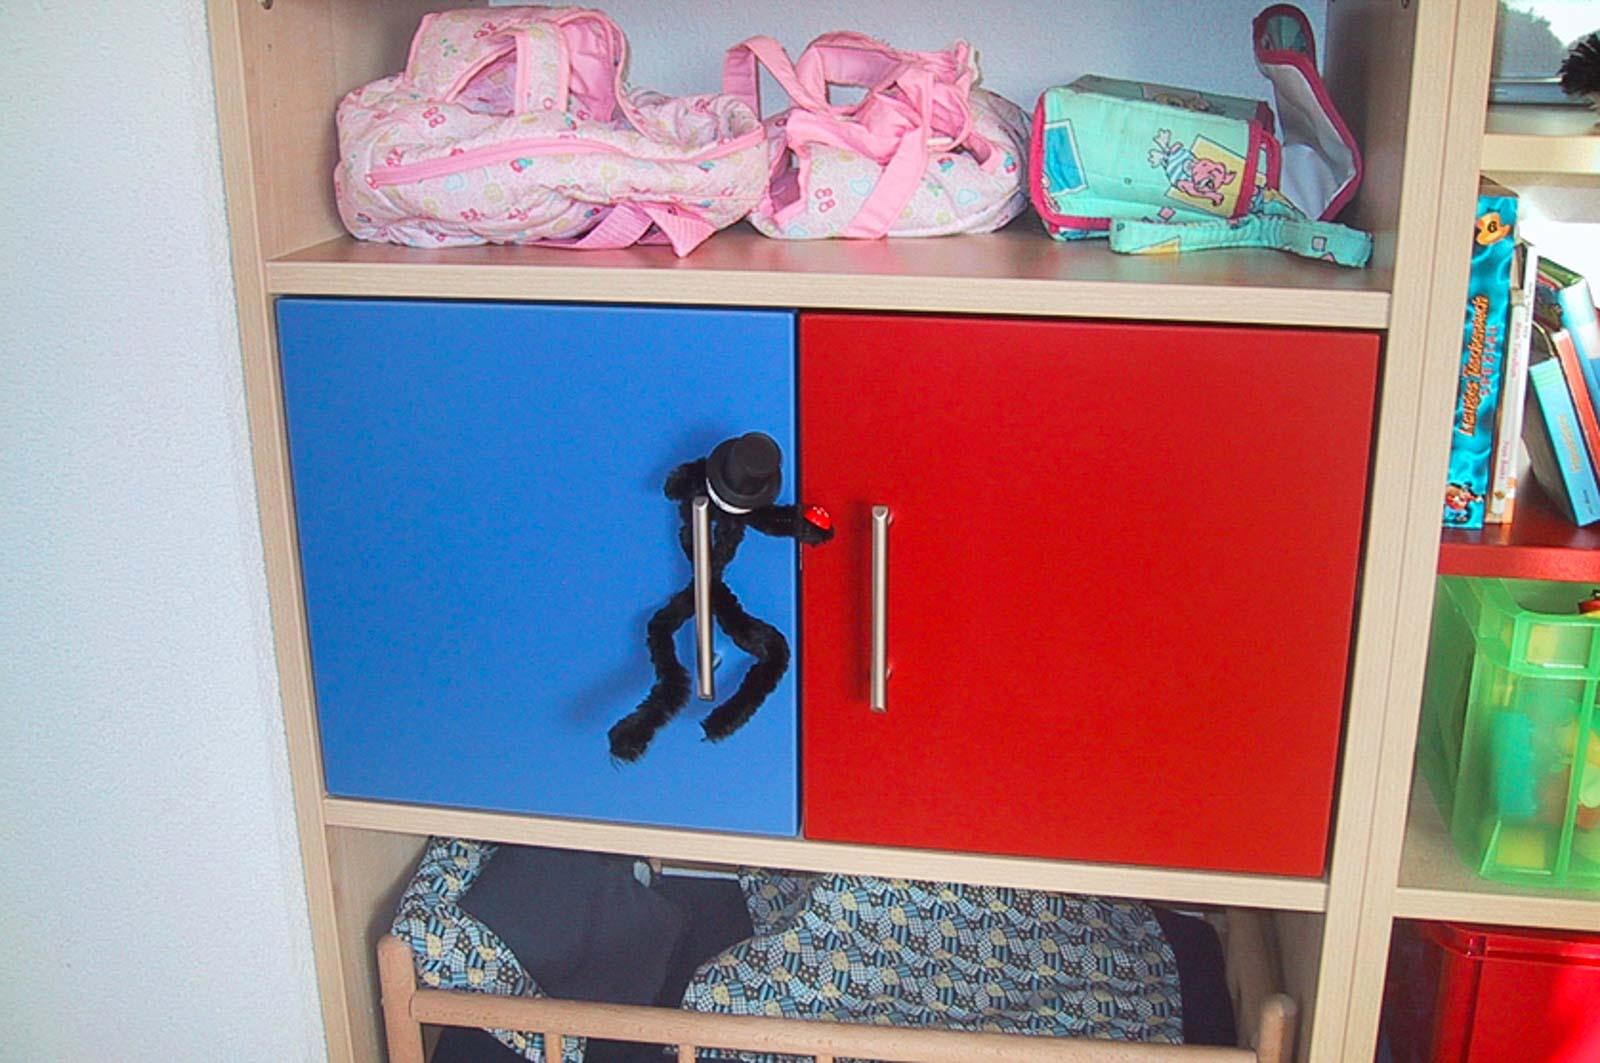 Wooddesign_Kinderzimmer_Kinderbett_Spielzimmer_Schreibtisch-Verstauraum_ Schubladen_Pinwand_Bücherregal (25)